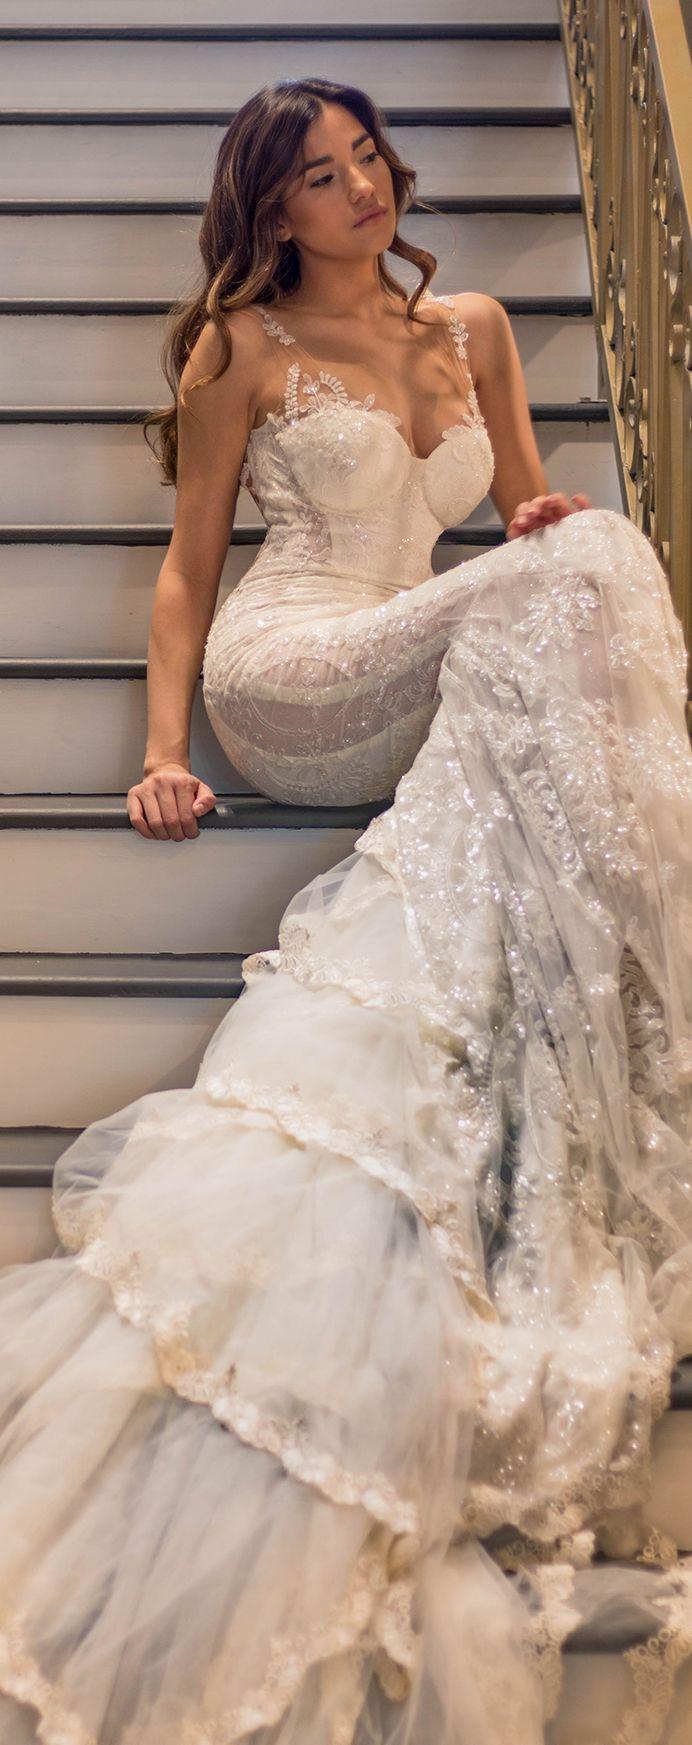 Quer vestido de noiva mais sereia que esse? O busto estruturado, cintura e quadris marcados são um charme. É da Galia Lahav Haute Couture.